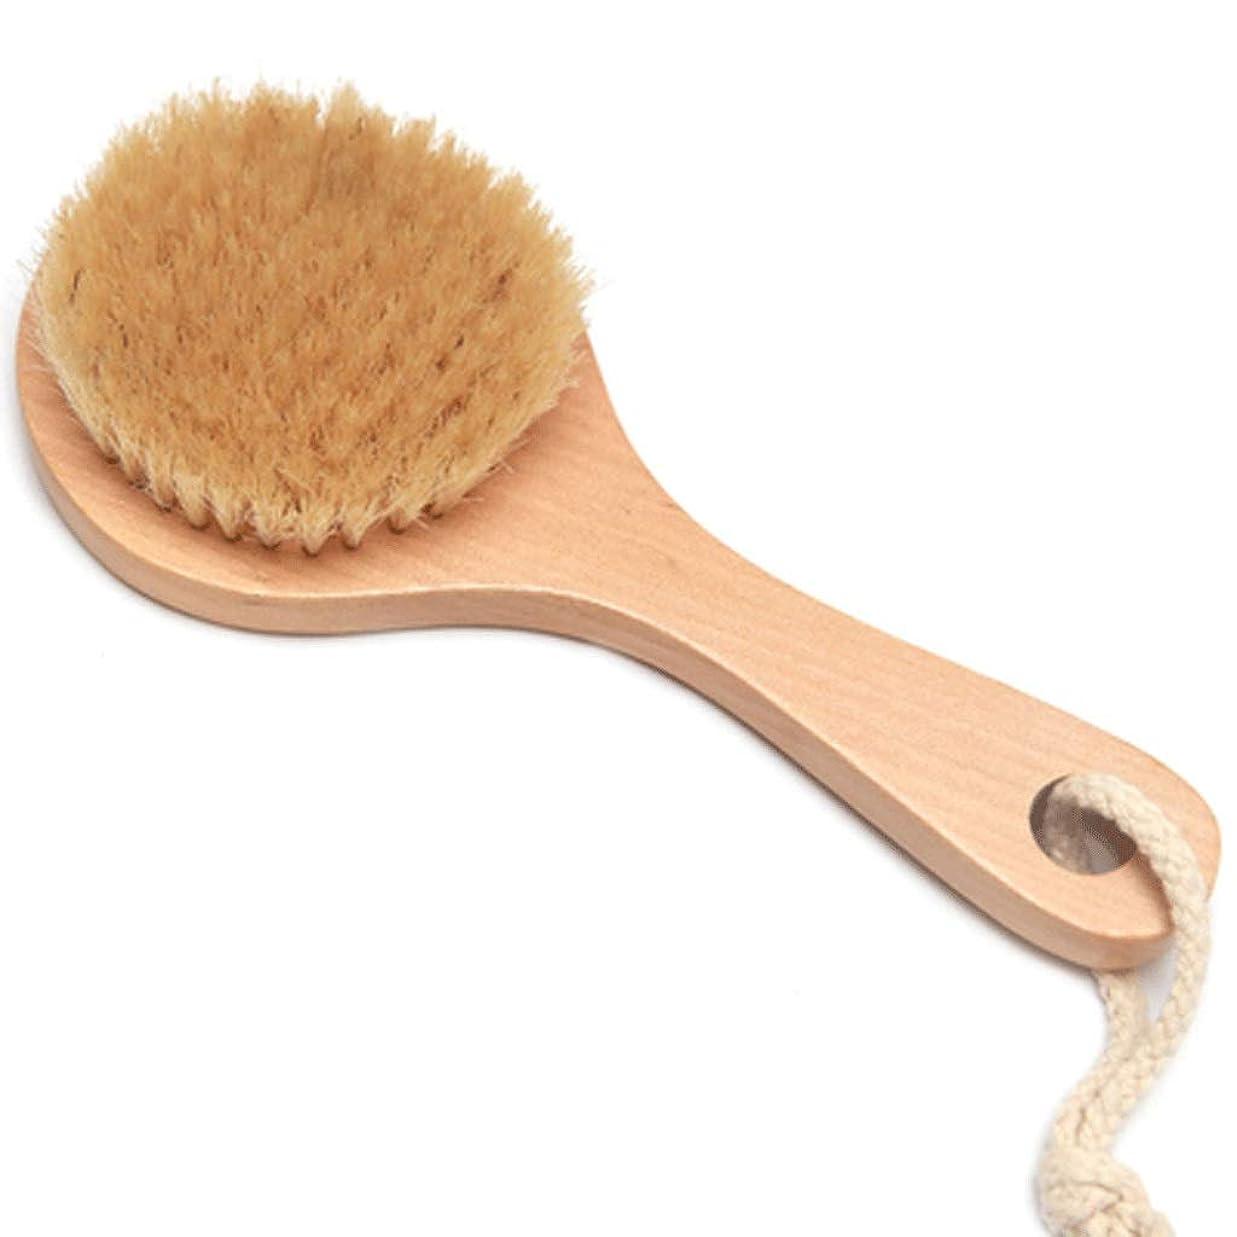 事教育者一月バスブラシバックブラシロングハンドルやわらかい毛髪バスブラシバスブラシ角質除去クリーニングブラシ (Color : Wood color, Size : 20*7.5cm)